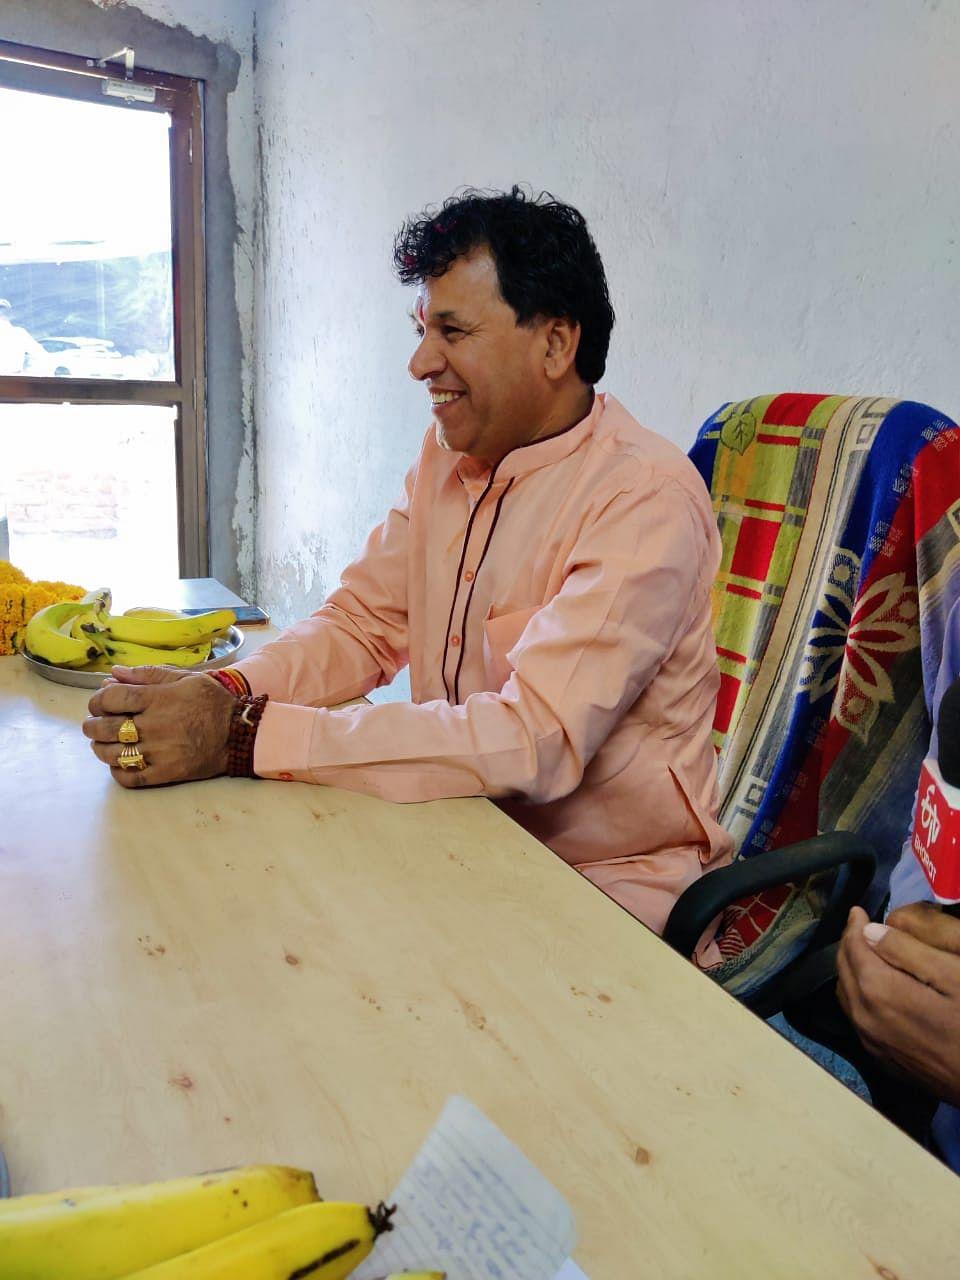 राजस्थान में बहू ,बेटिया तो क्या अब पुलिस भी सुरक्षित नहीं-केंद्रीय मंत्री चौधरी